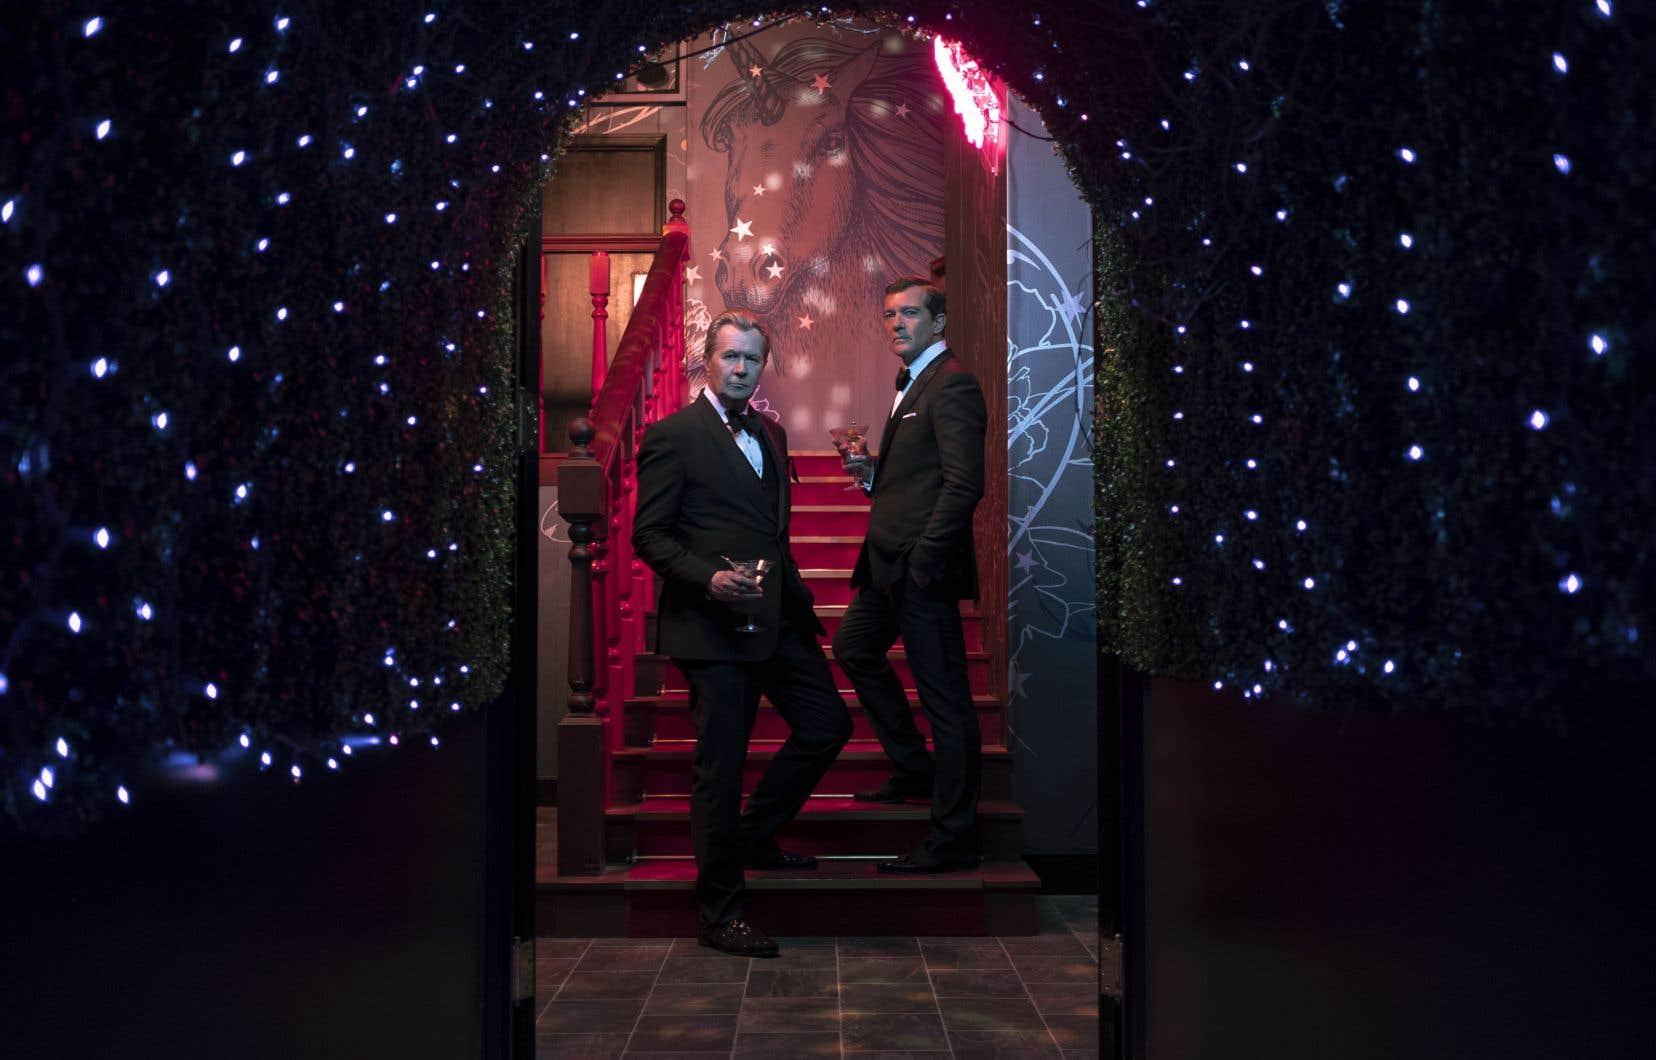 Jürgen Mossack et Ramon Fonseca, personnifiés à l'écran par Gary Oldman et Antonio Banderas, sont dépeints comme deux bouffons sans scrupule ni remords.